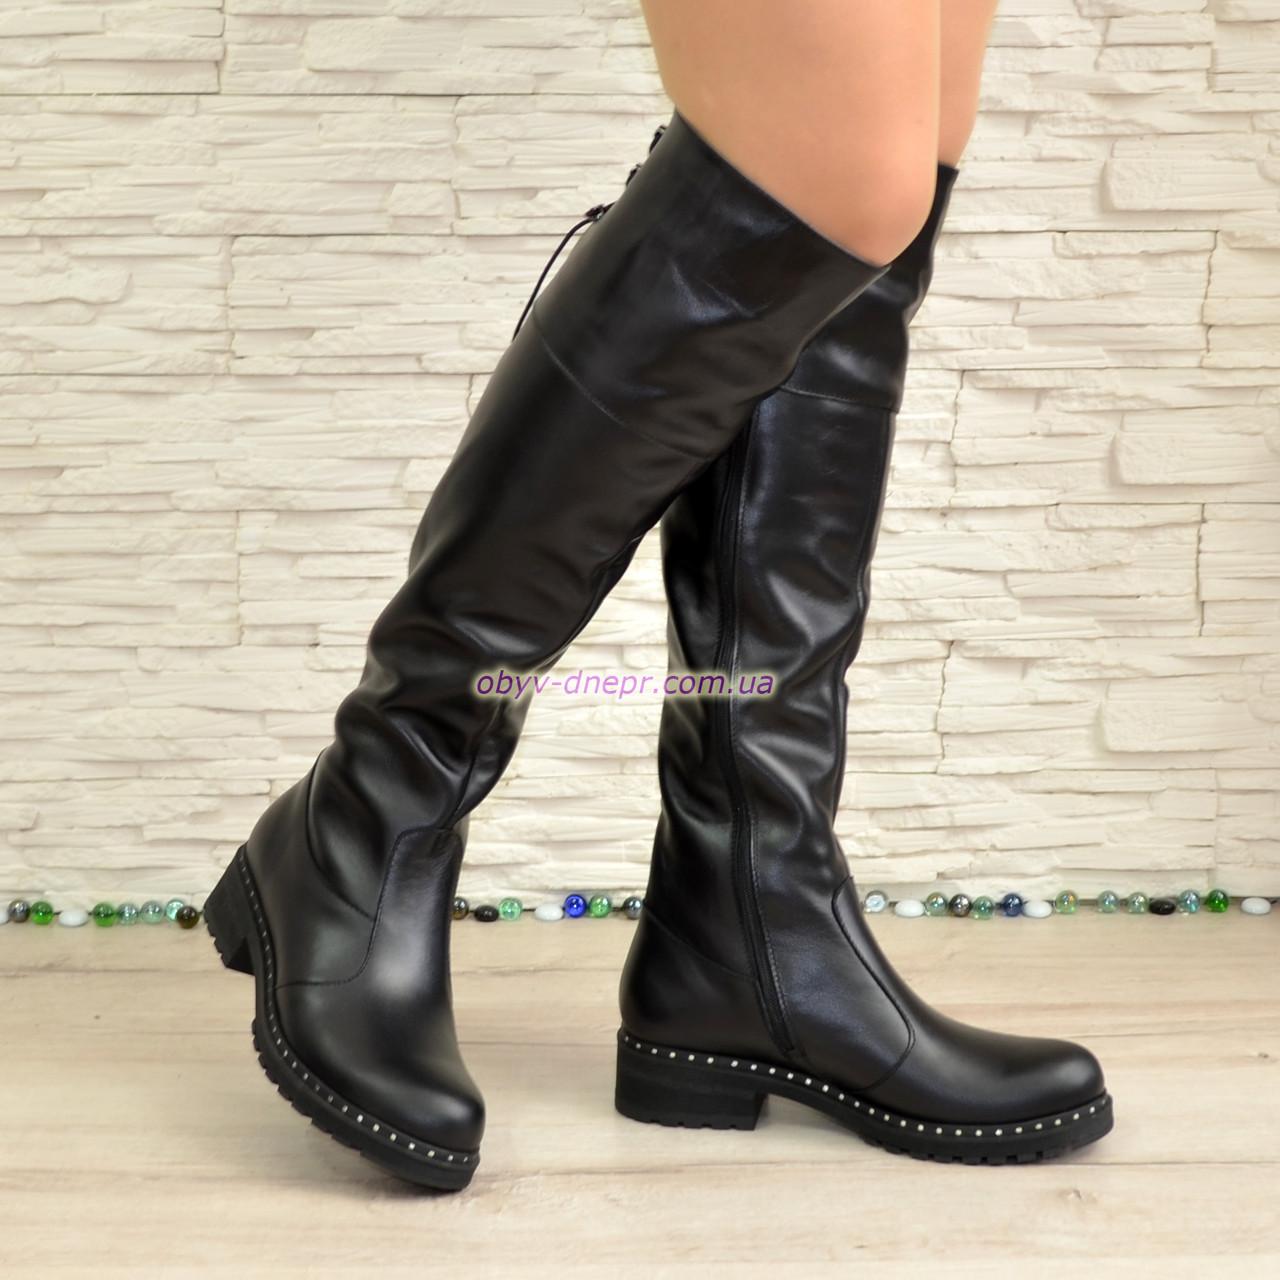 Ботфорты женские черные кожаные   на утолщенной подошве